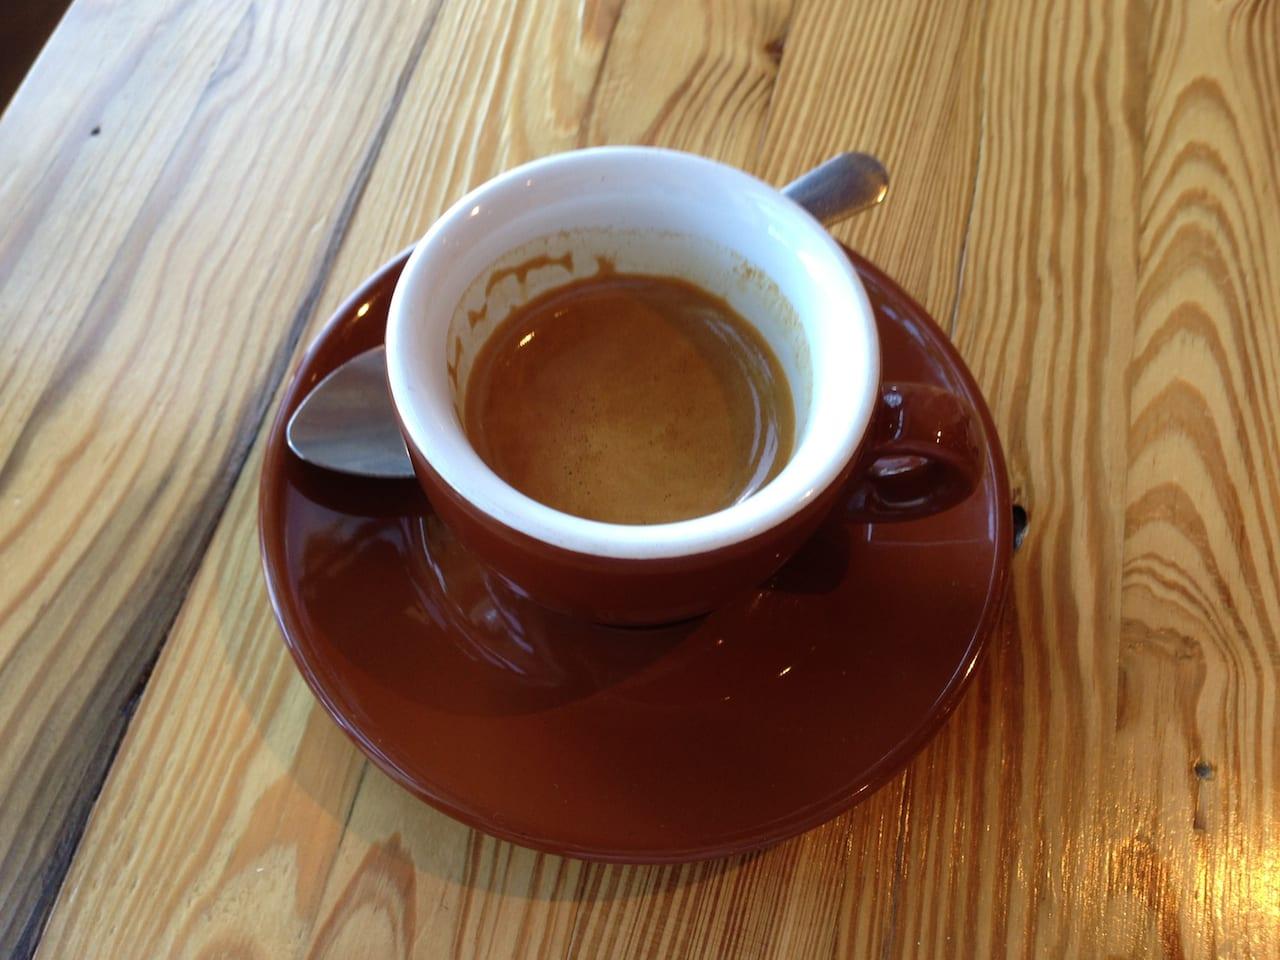 Press Coffee Dayton